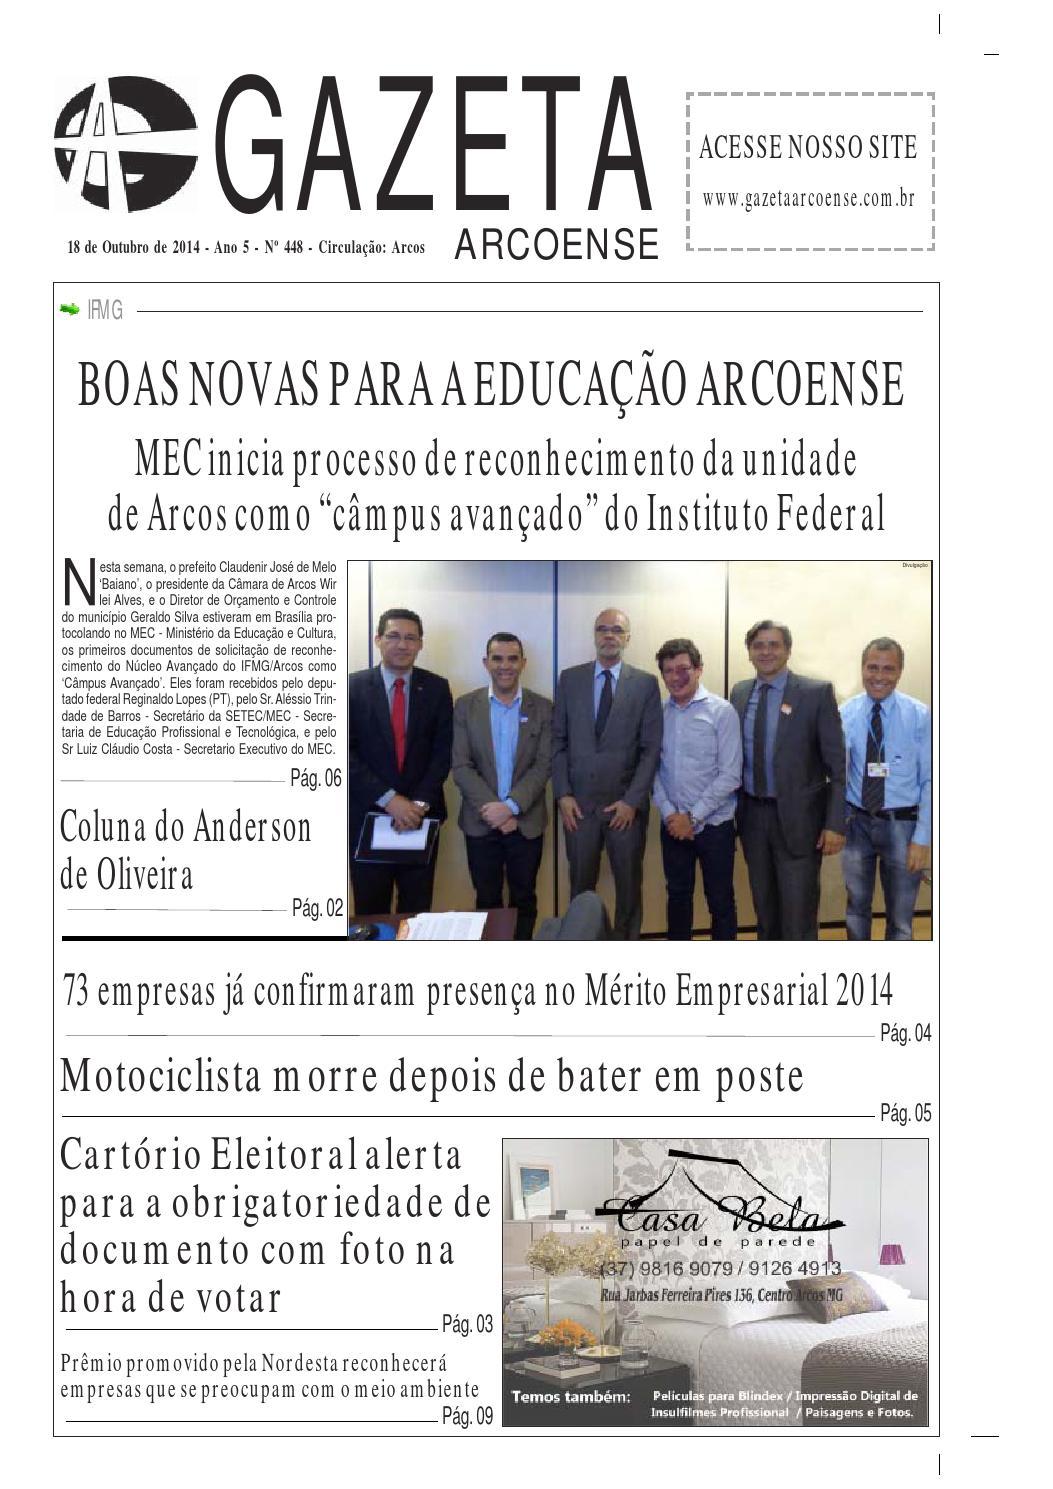 Gazeta 448 by ricardo - issuu 8c7772503c54c